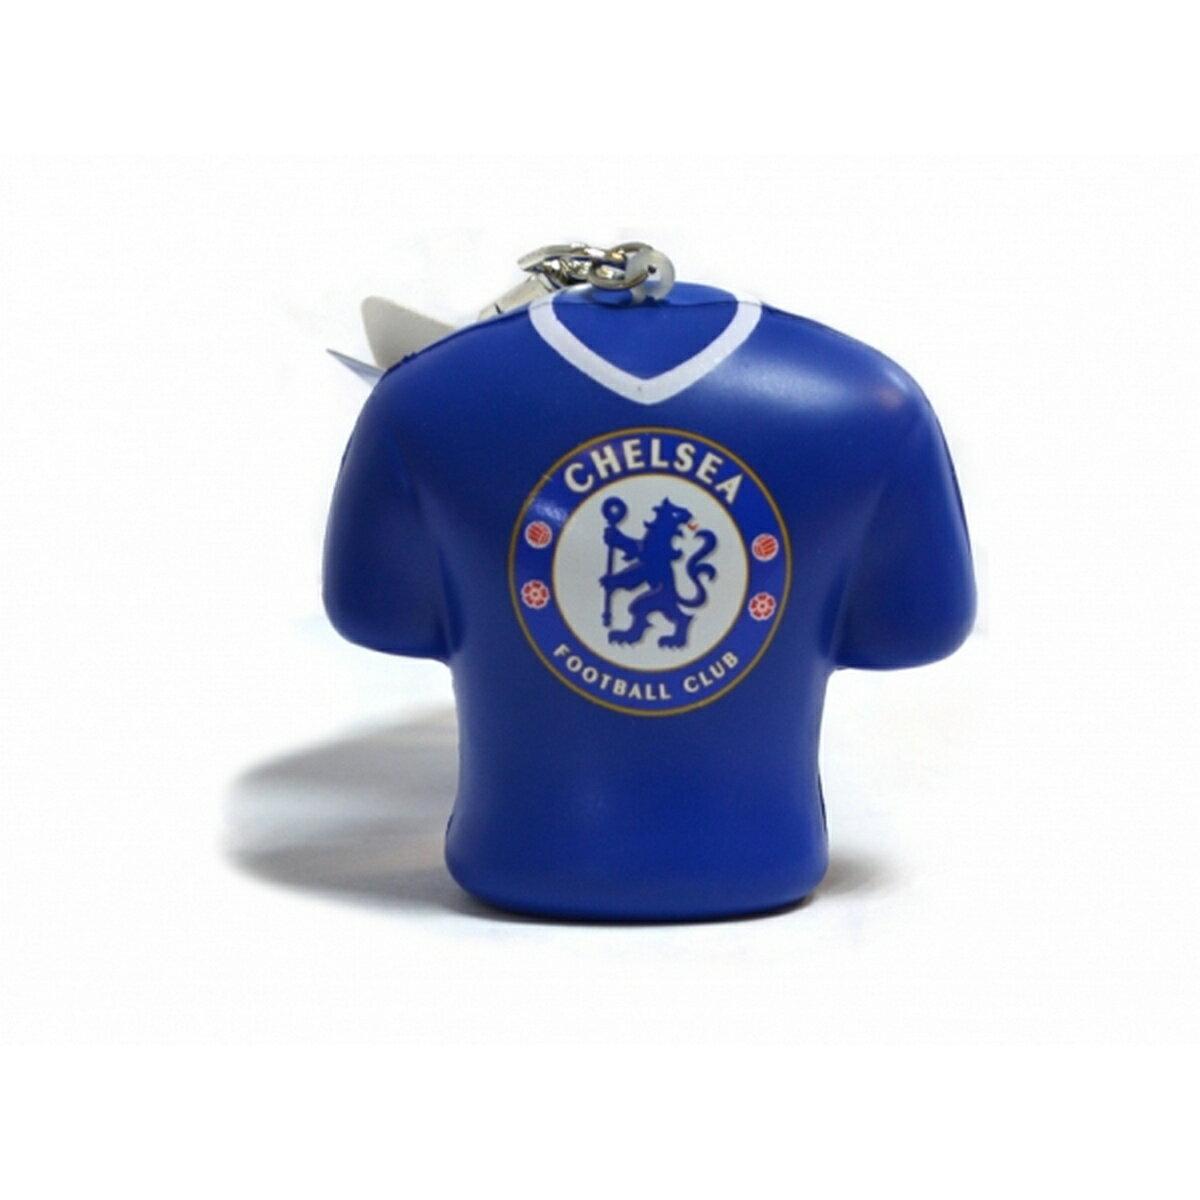 チェルシー フットボールクラブ Chelsea FC オフィシャル商品 ストレス解消 キーホルダー 【楽天海外直送】